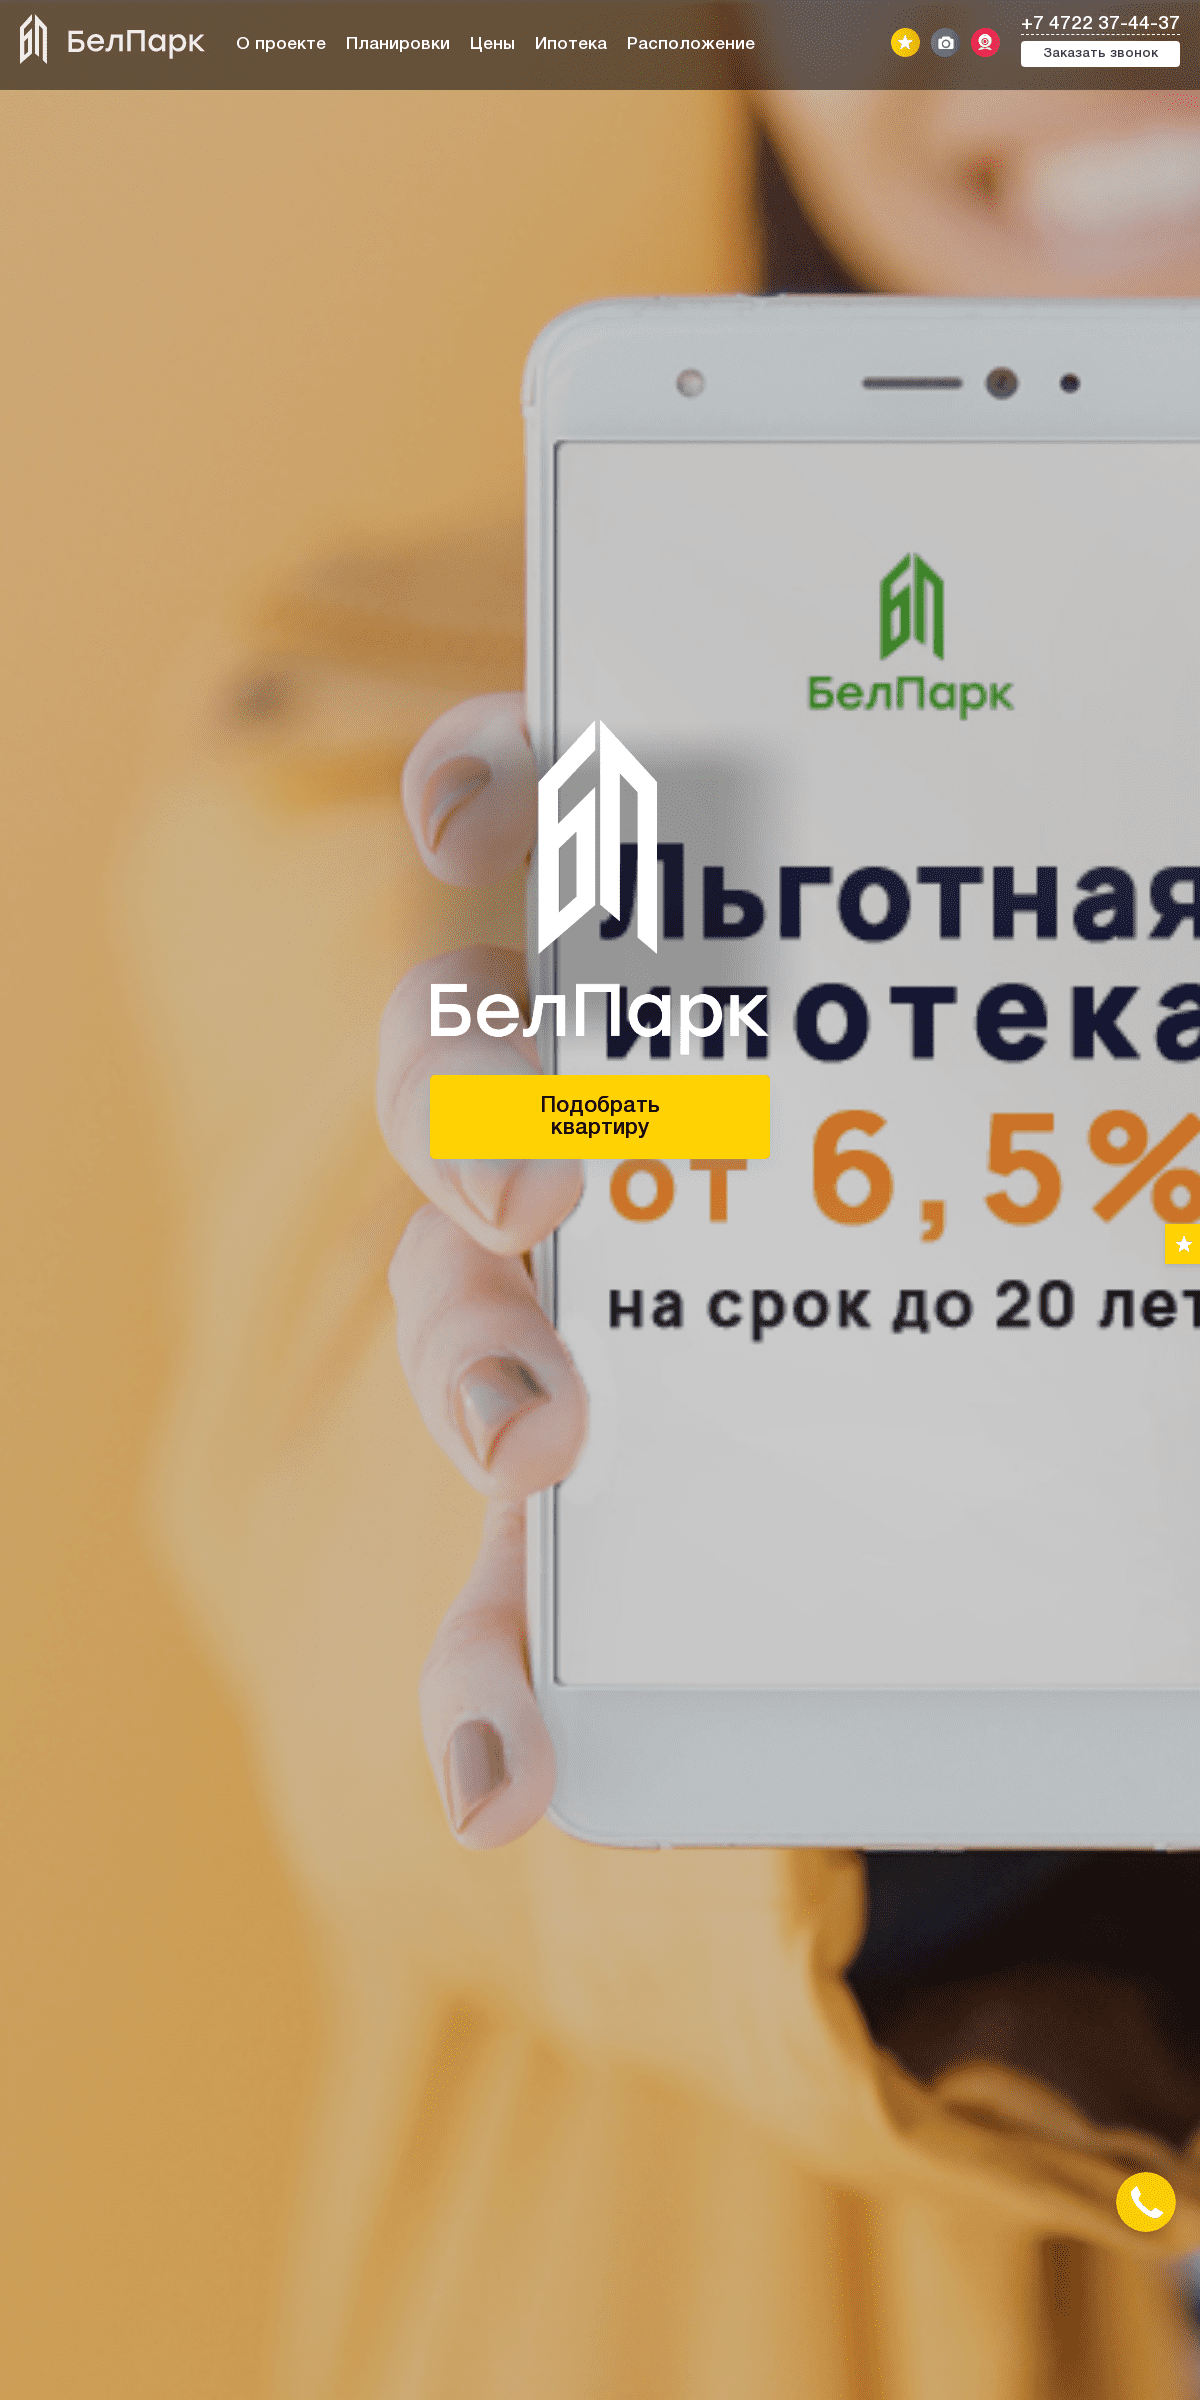 Купить квартиру в Белгороде от застройщика, без посредников, недорого